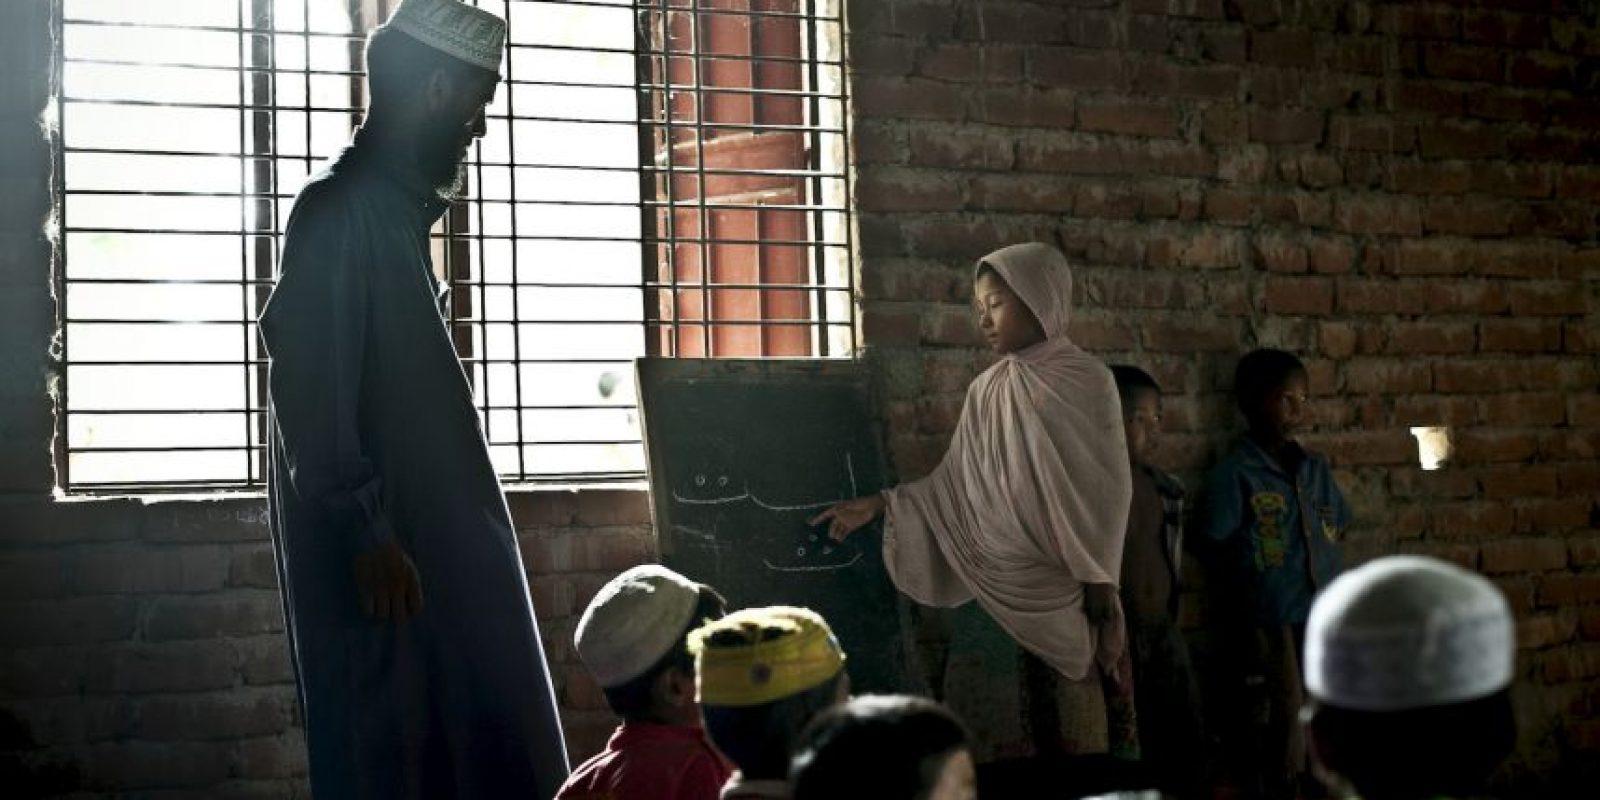 La cual fue evacuada antes de que llegaran las autoridades. Foto:Getty Images